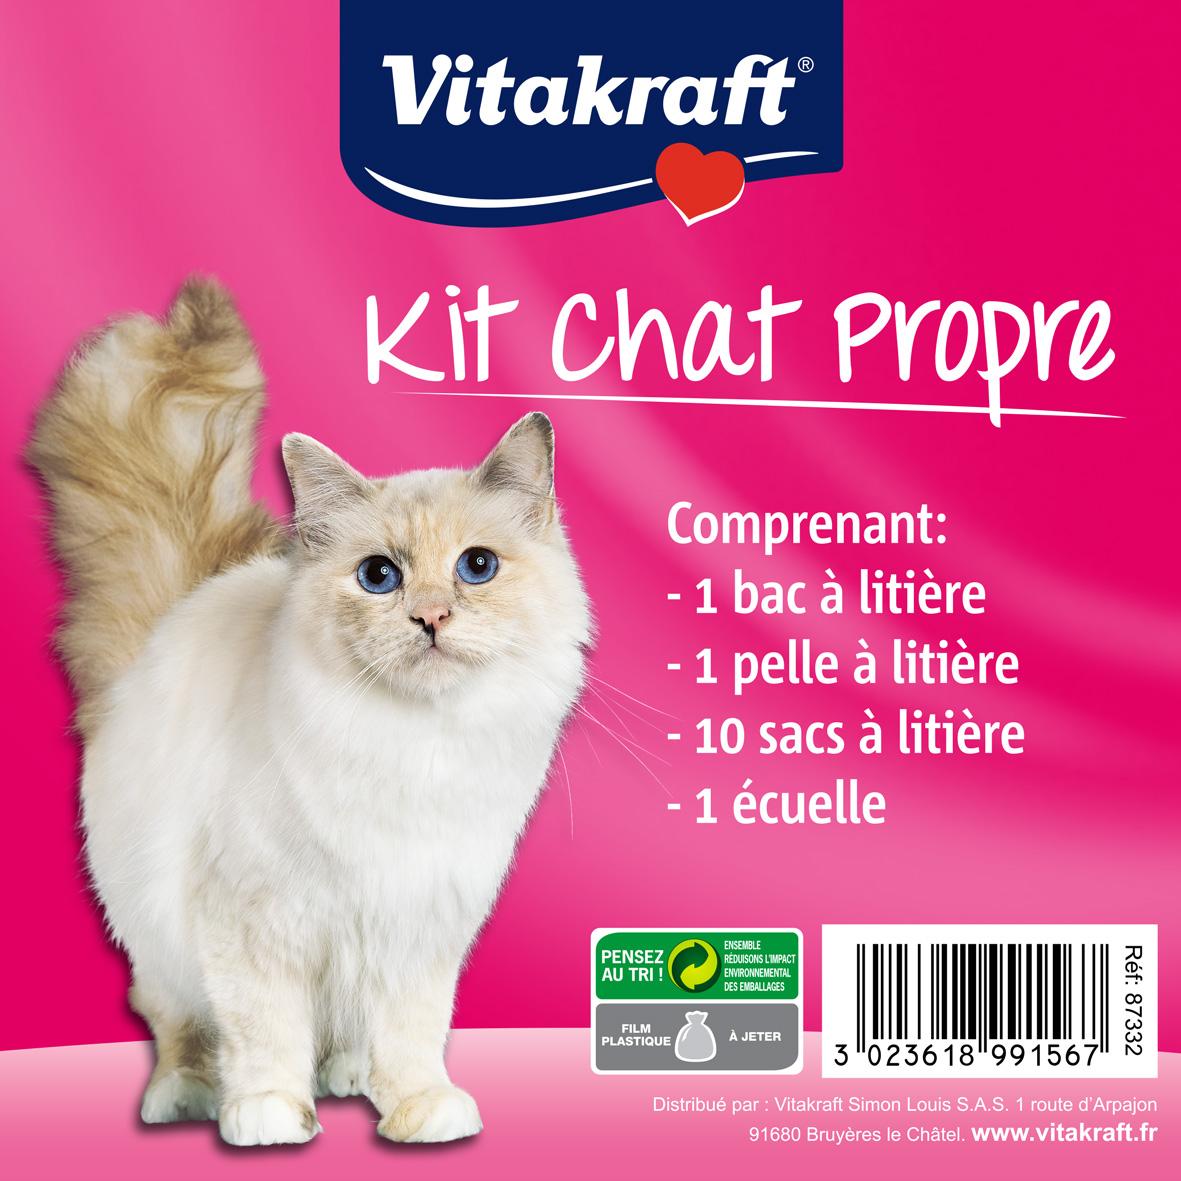 etiquette-graphisme-kit_chat_propre